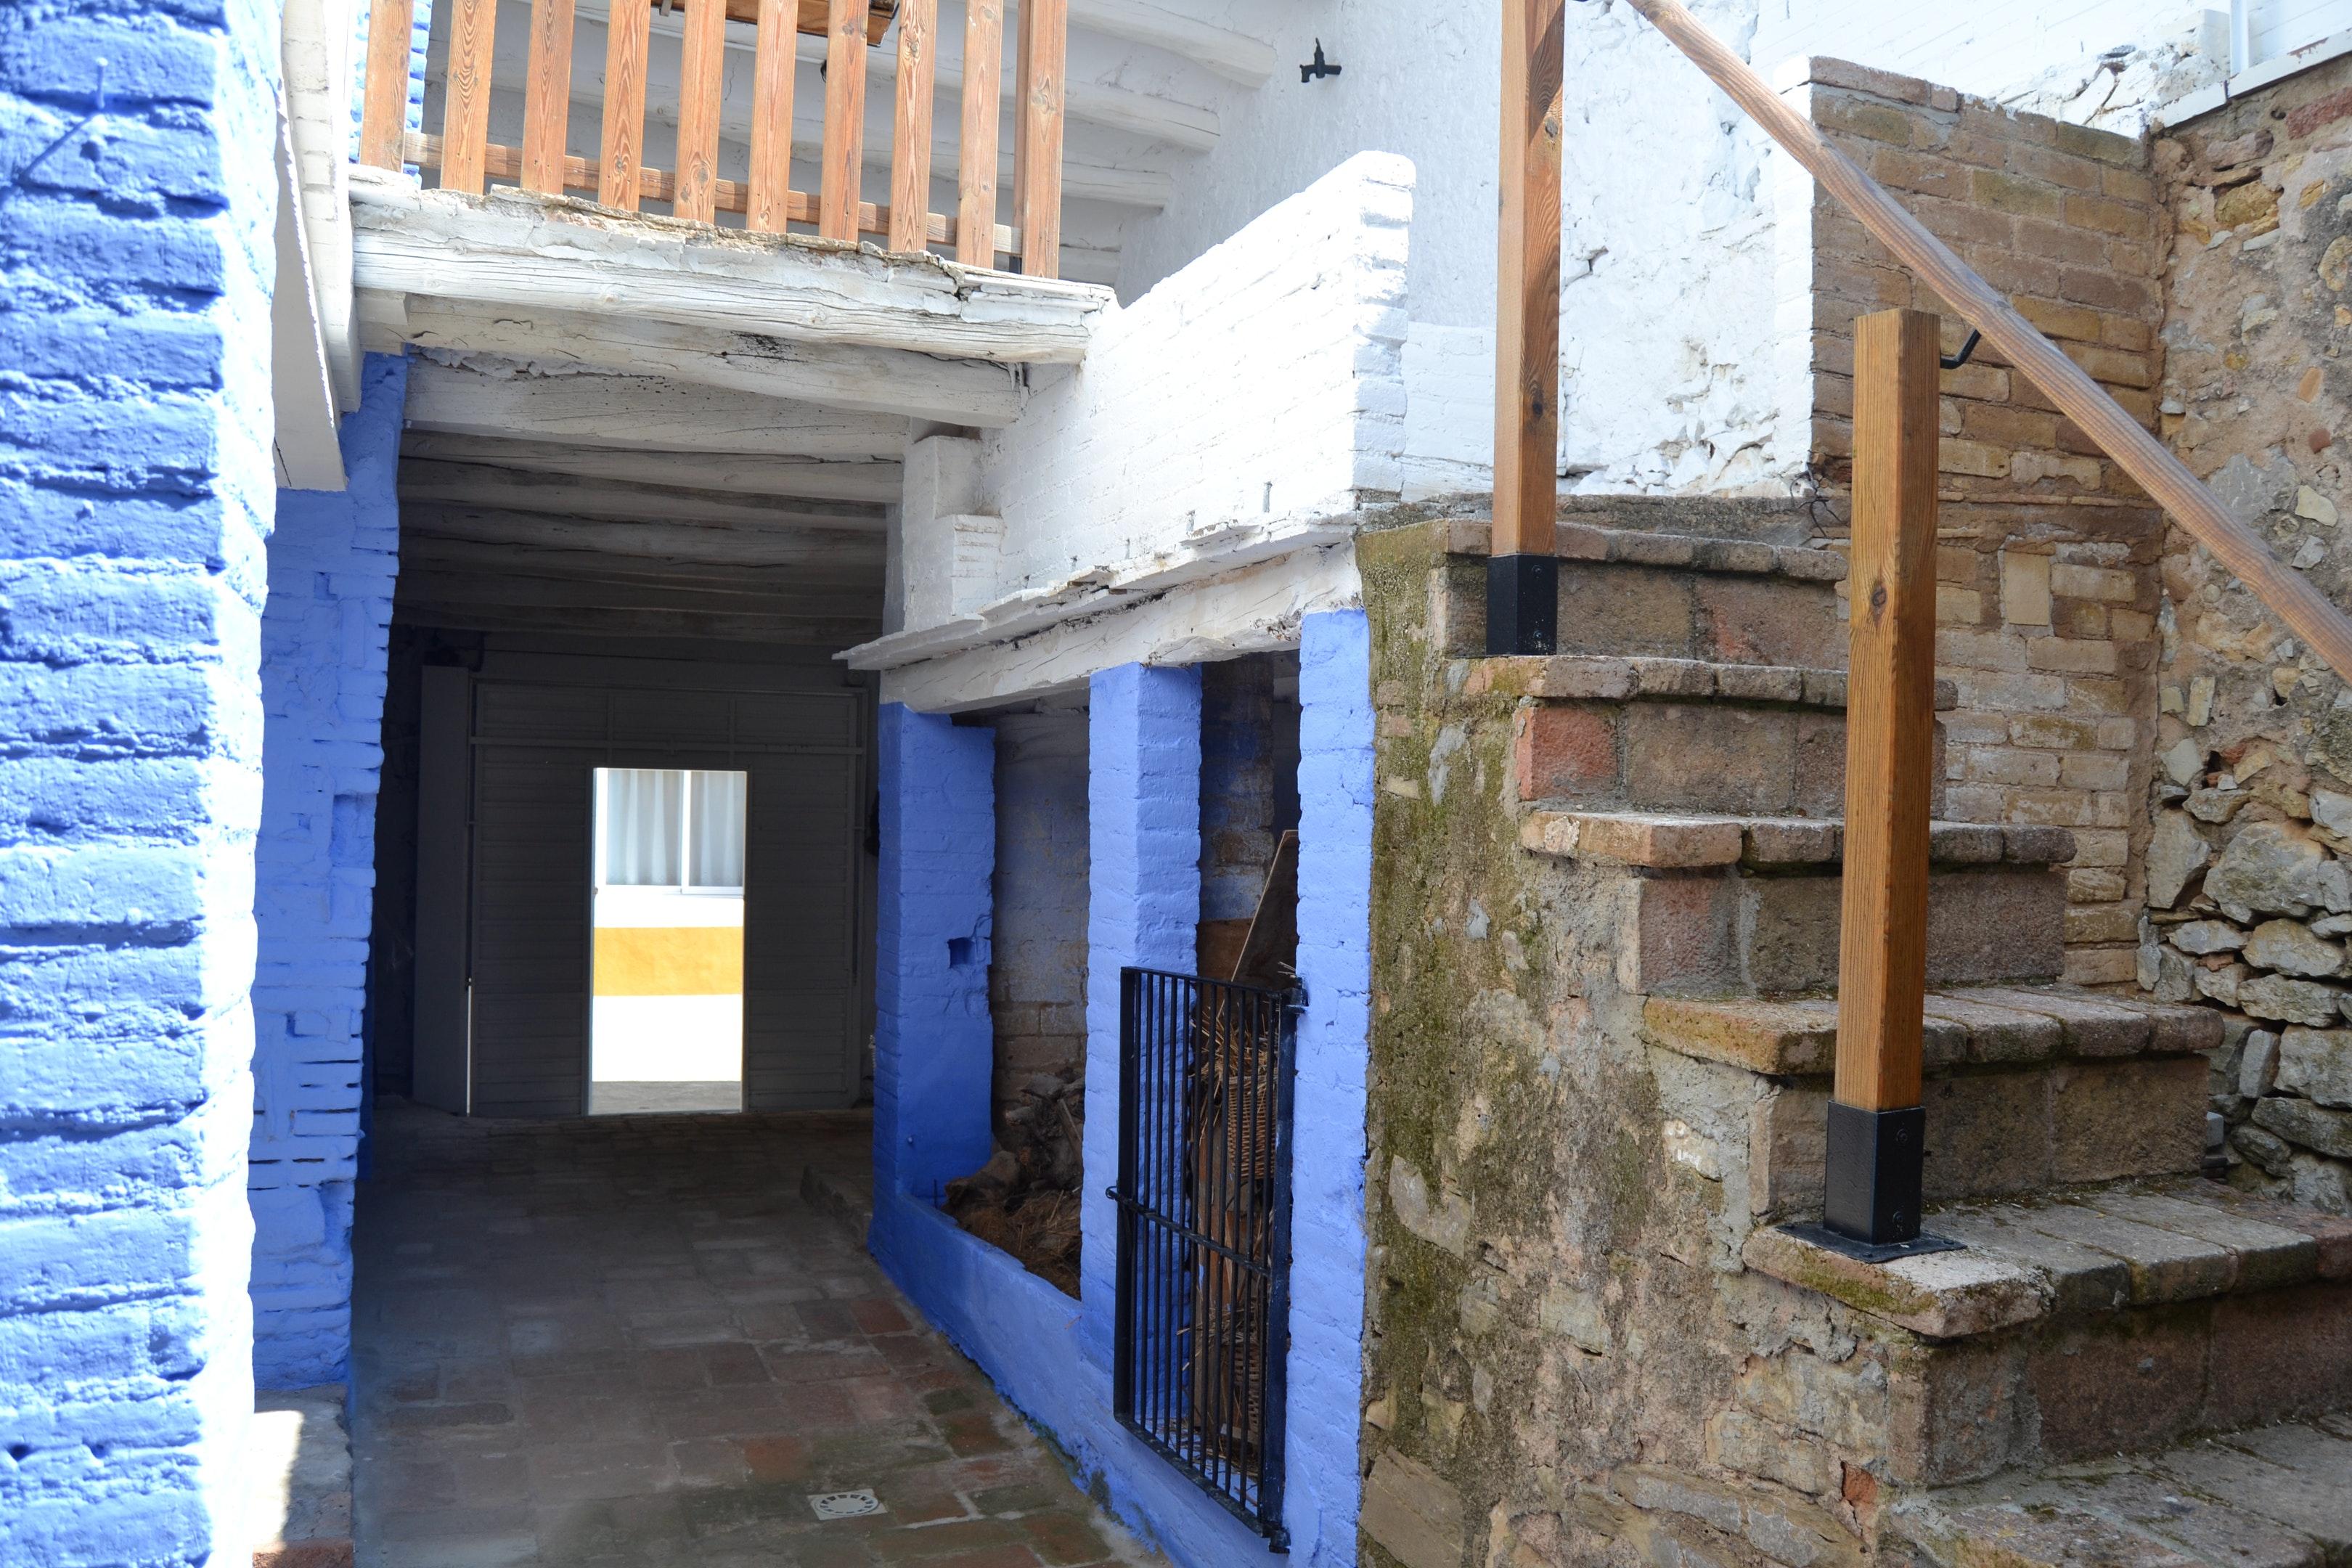 Ferienhaus Haus mit 4 Schlafzimmern in Sant Pere Sacarrera mit toller Aussicht auf die Berge, möblier (2217248), Sant Pere Sacarrera, Barcelona, Katalonien, Spanien, Bild 36